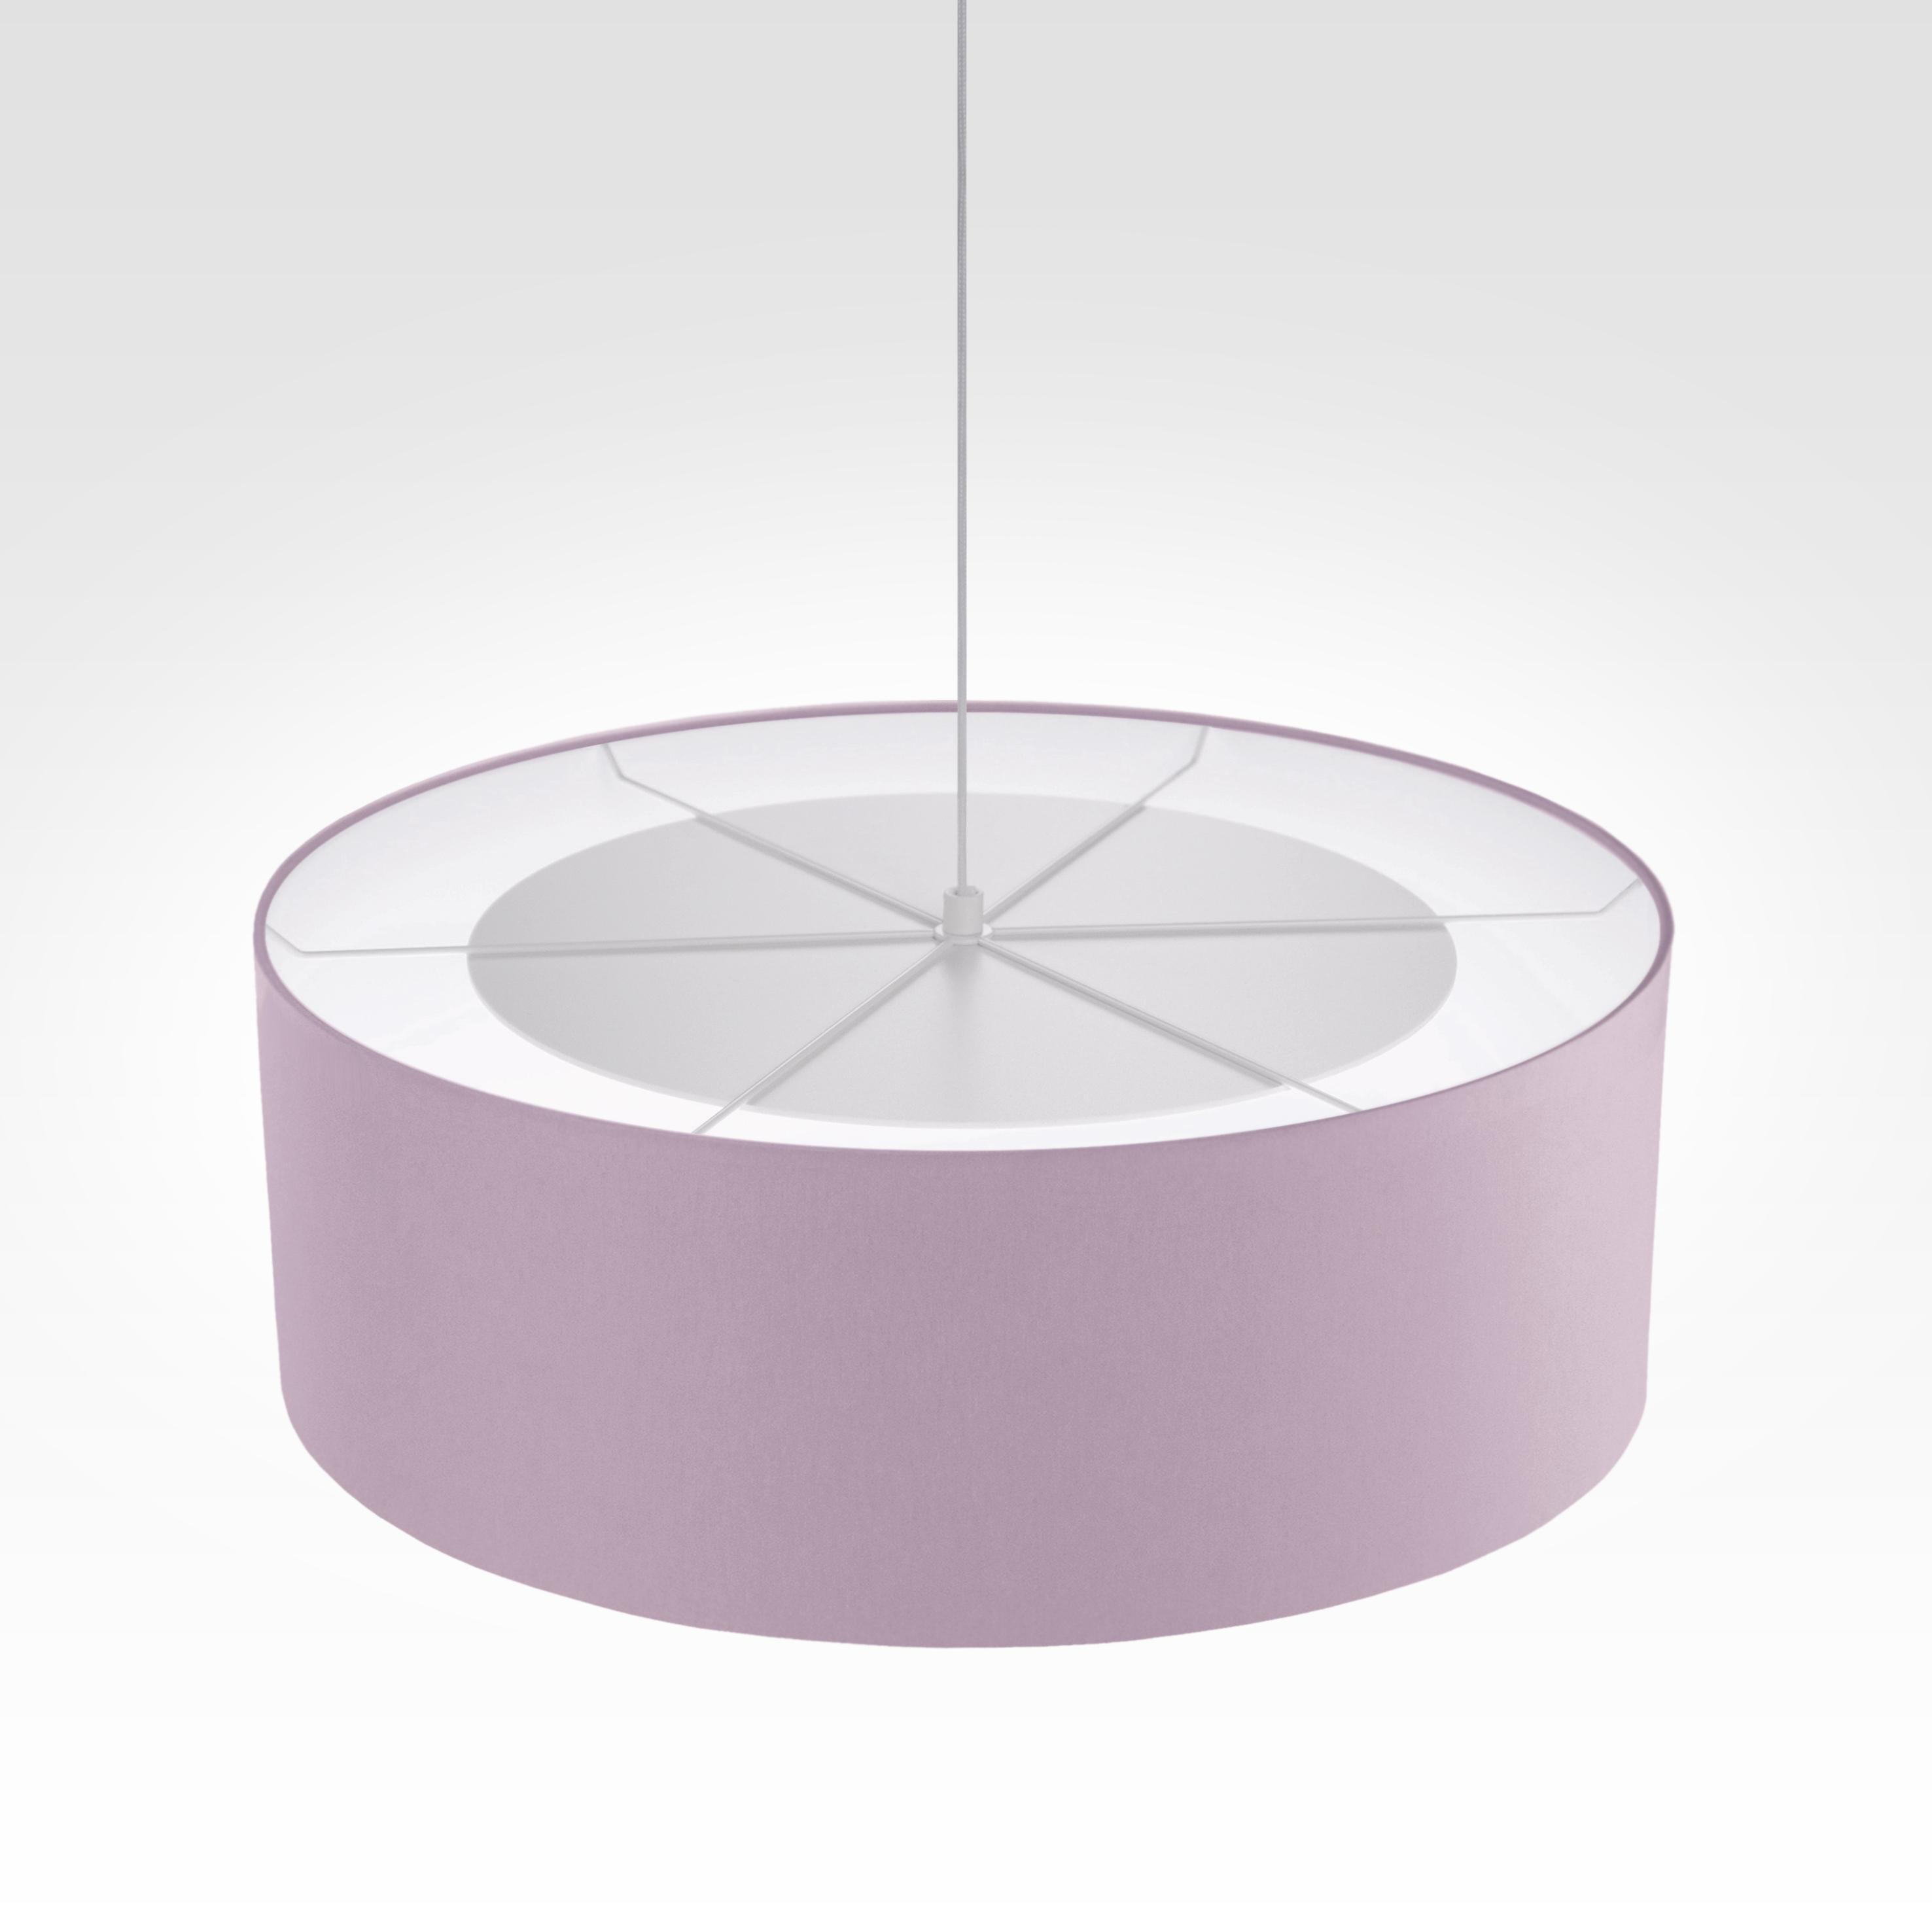 pendelleuchte lampenschirm stoff violett. Black Bedroom Furniture Sets. Home Design Ideas